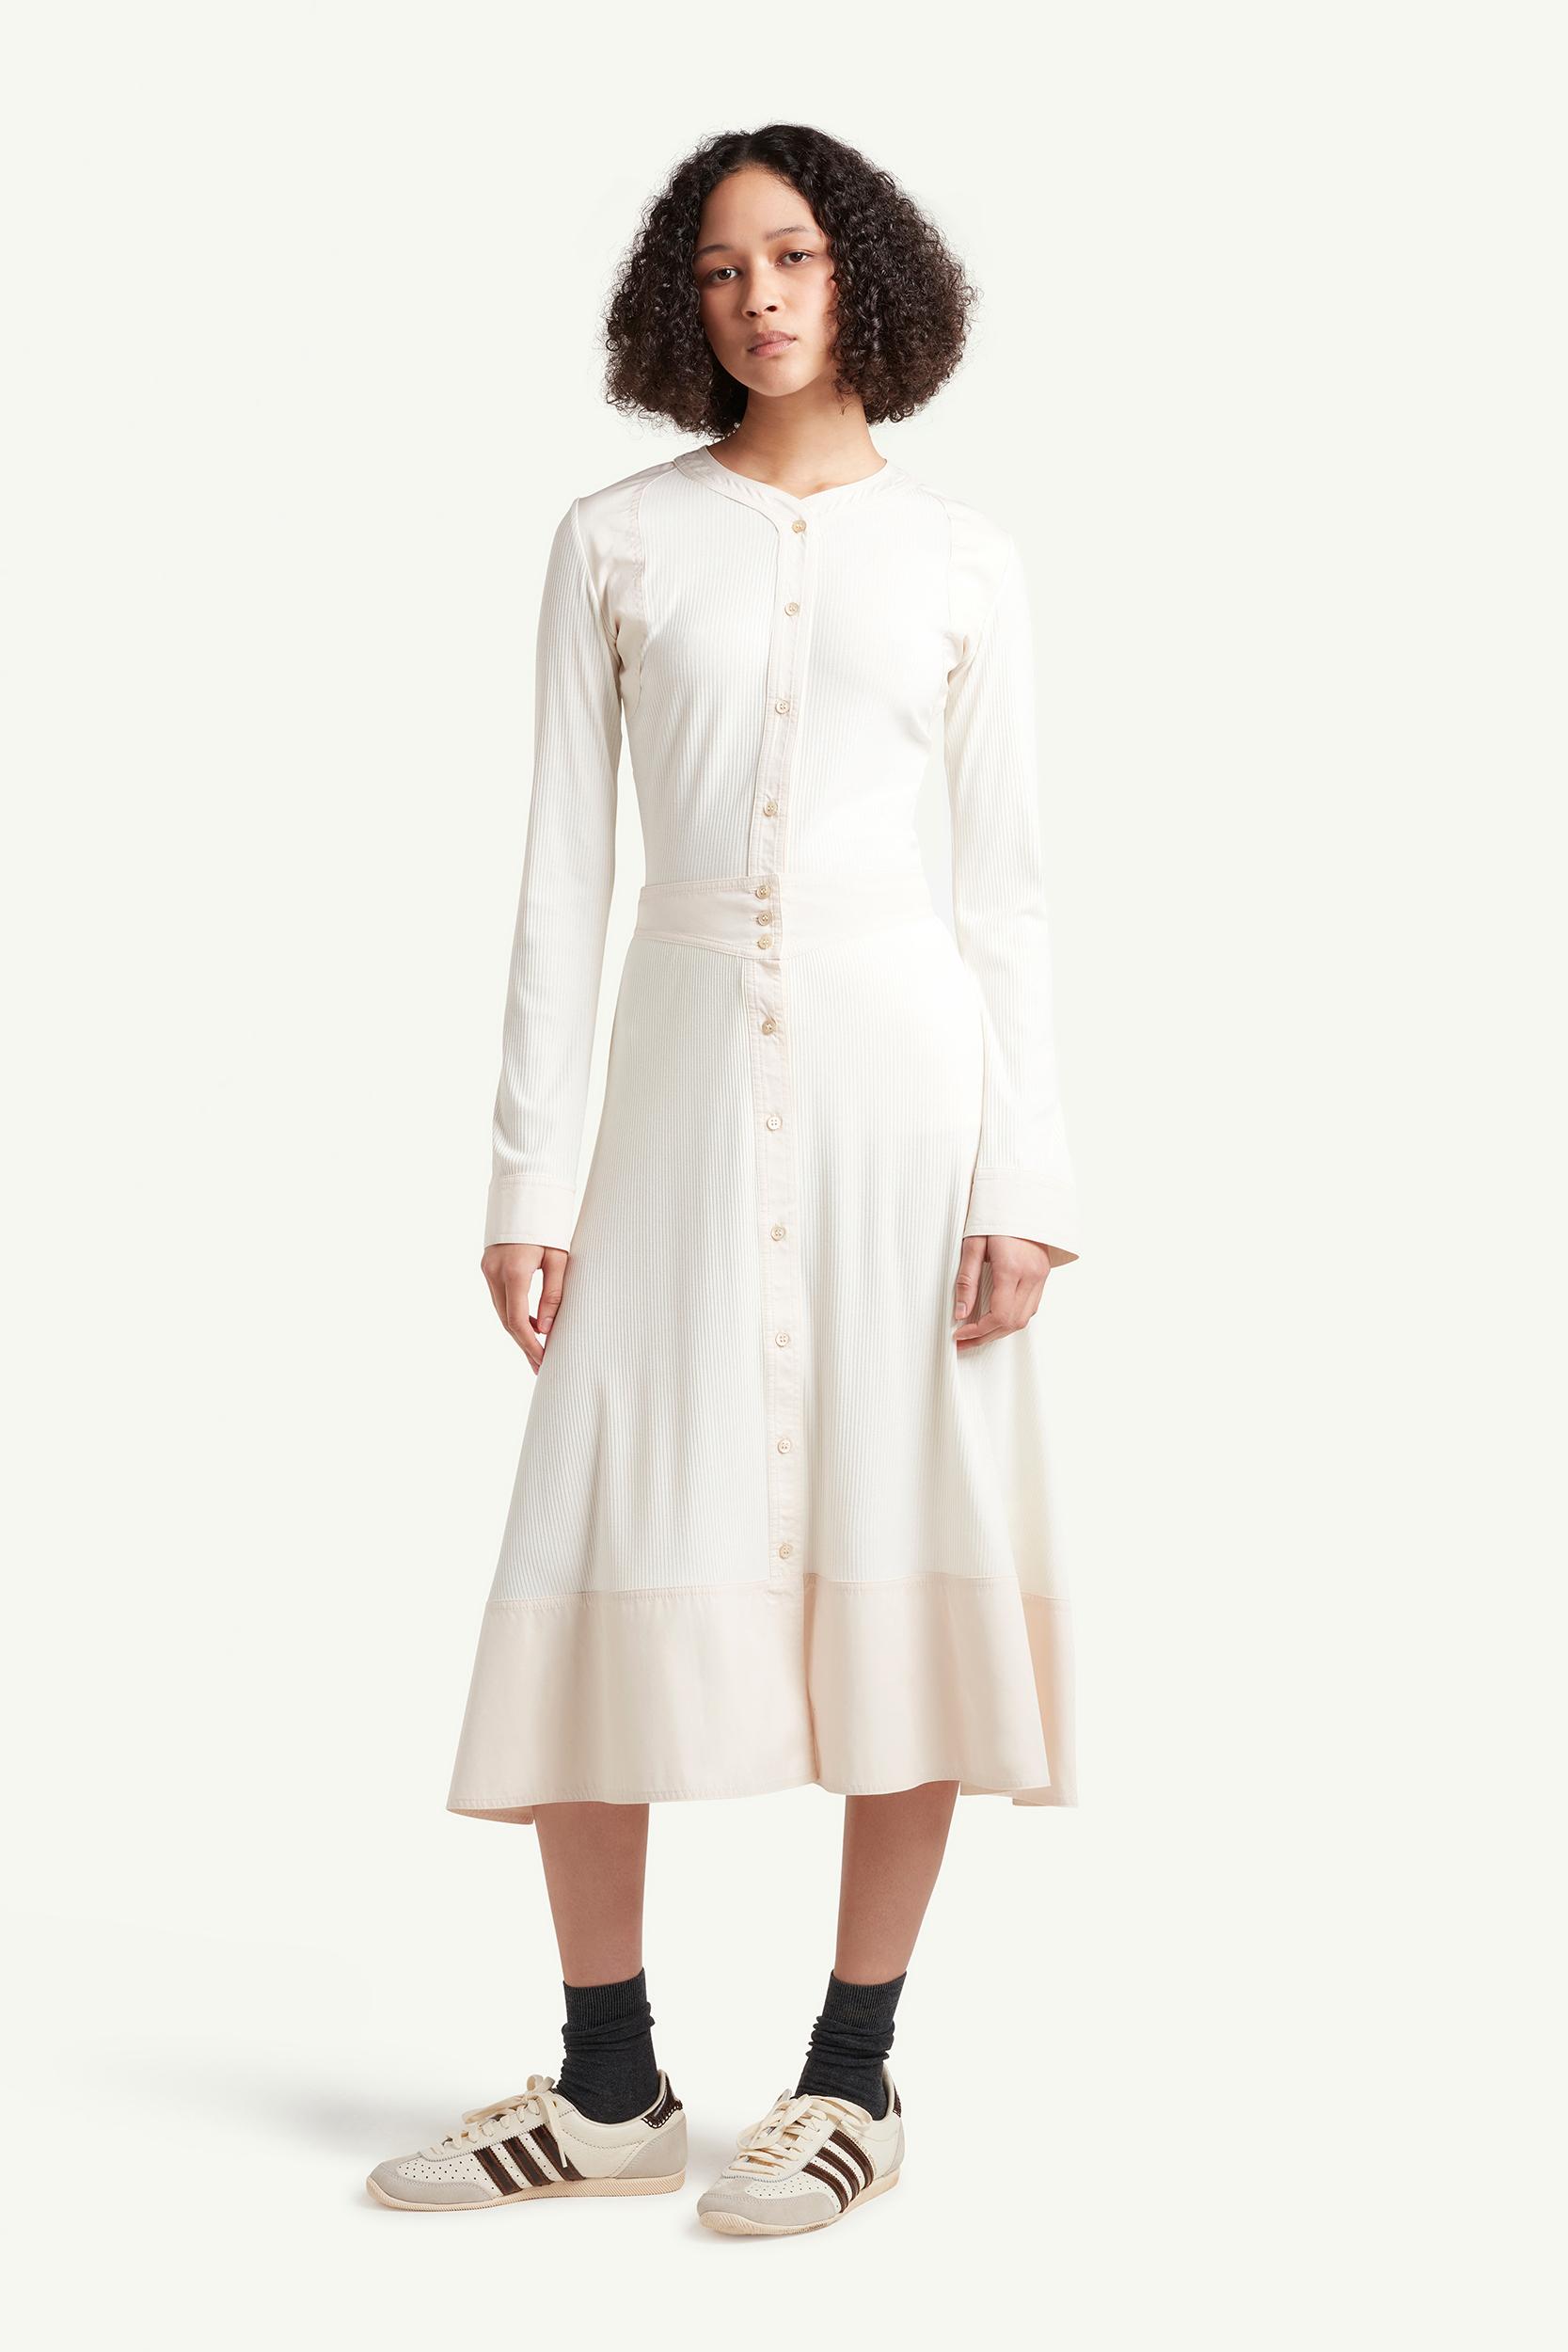 Womenswear model wearing Wales Bonner Womenswear Model wearing a white long dress | E-commerce Photography London